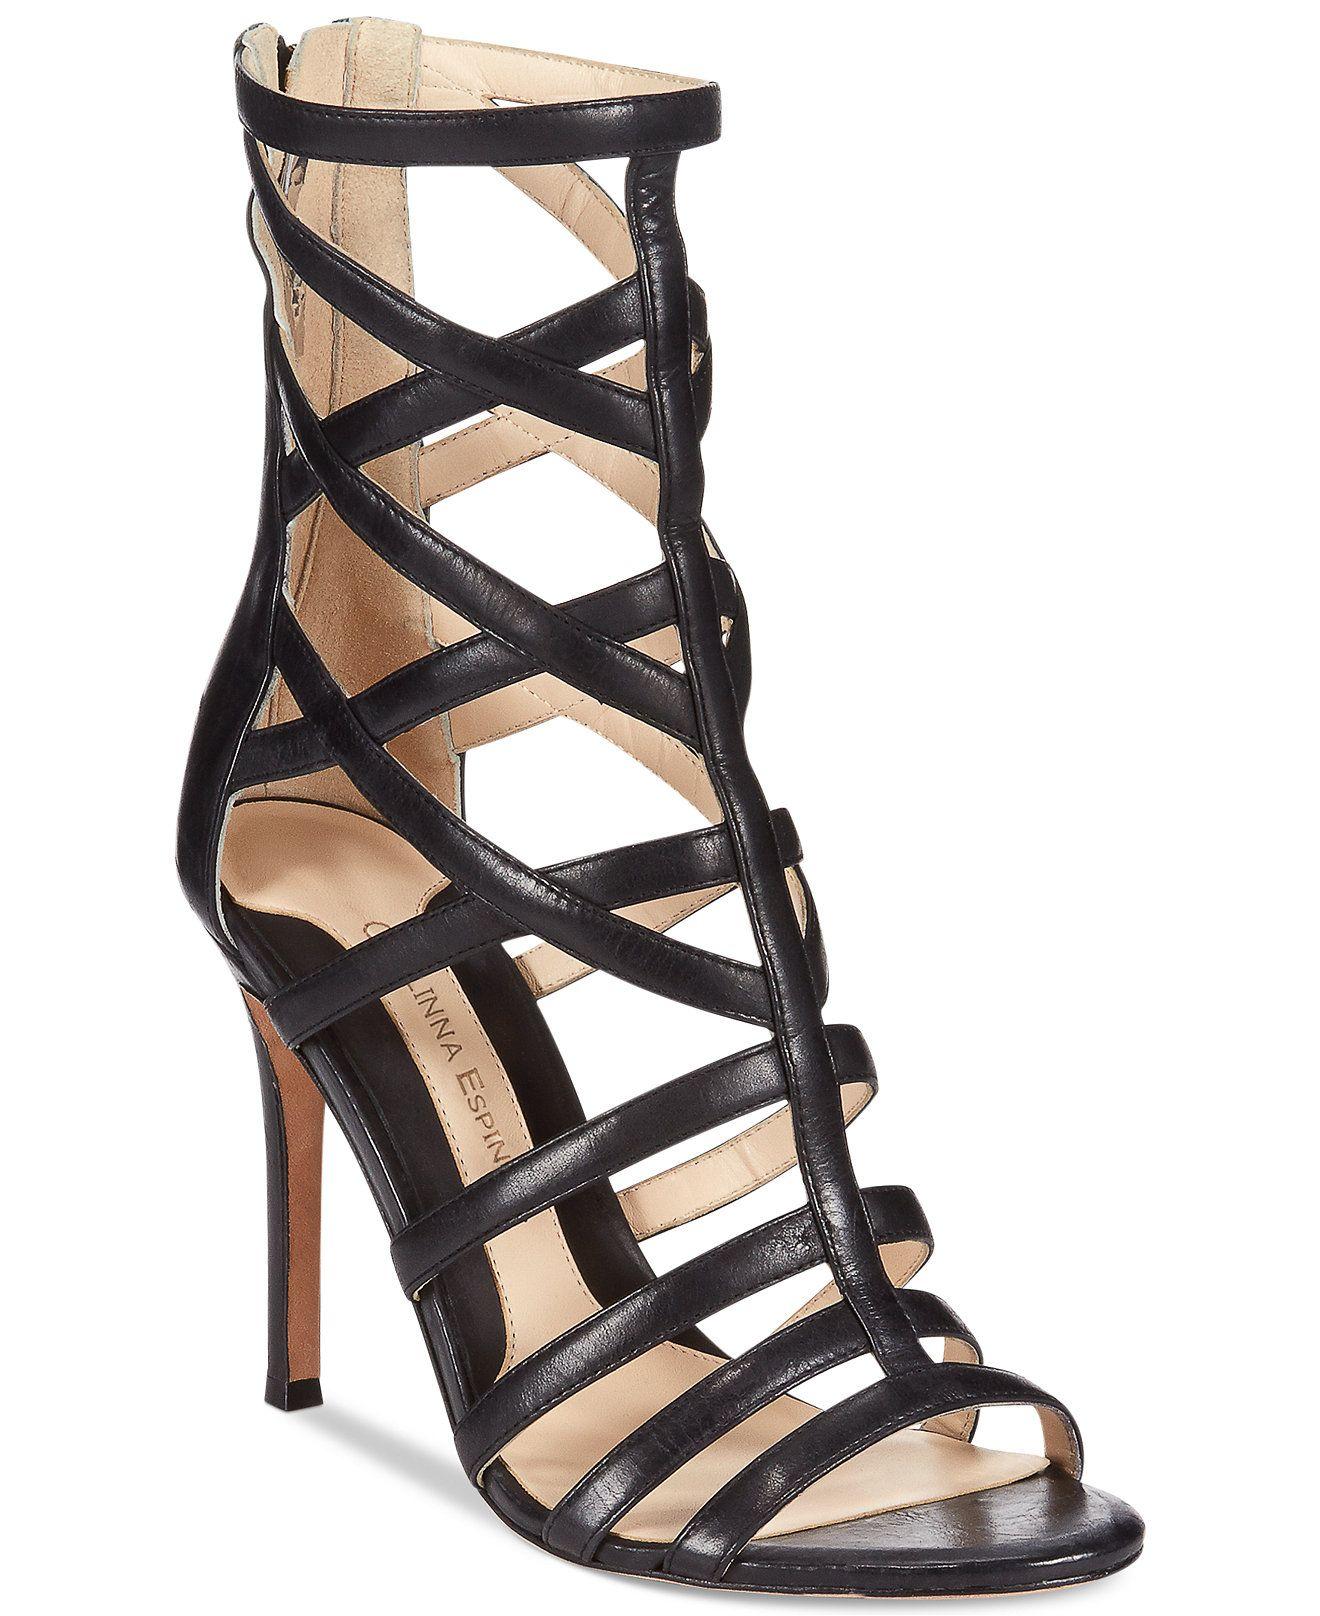 Carolinna Espinosa Sari Sandals Sandals Shoes Macy's